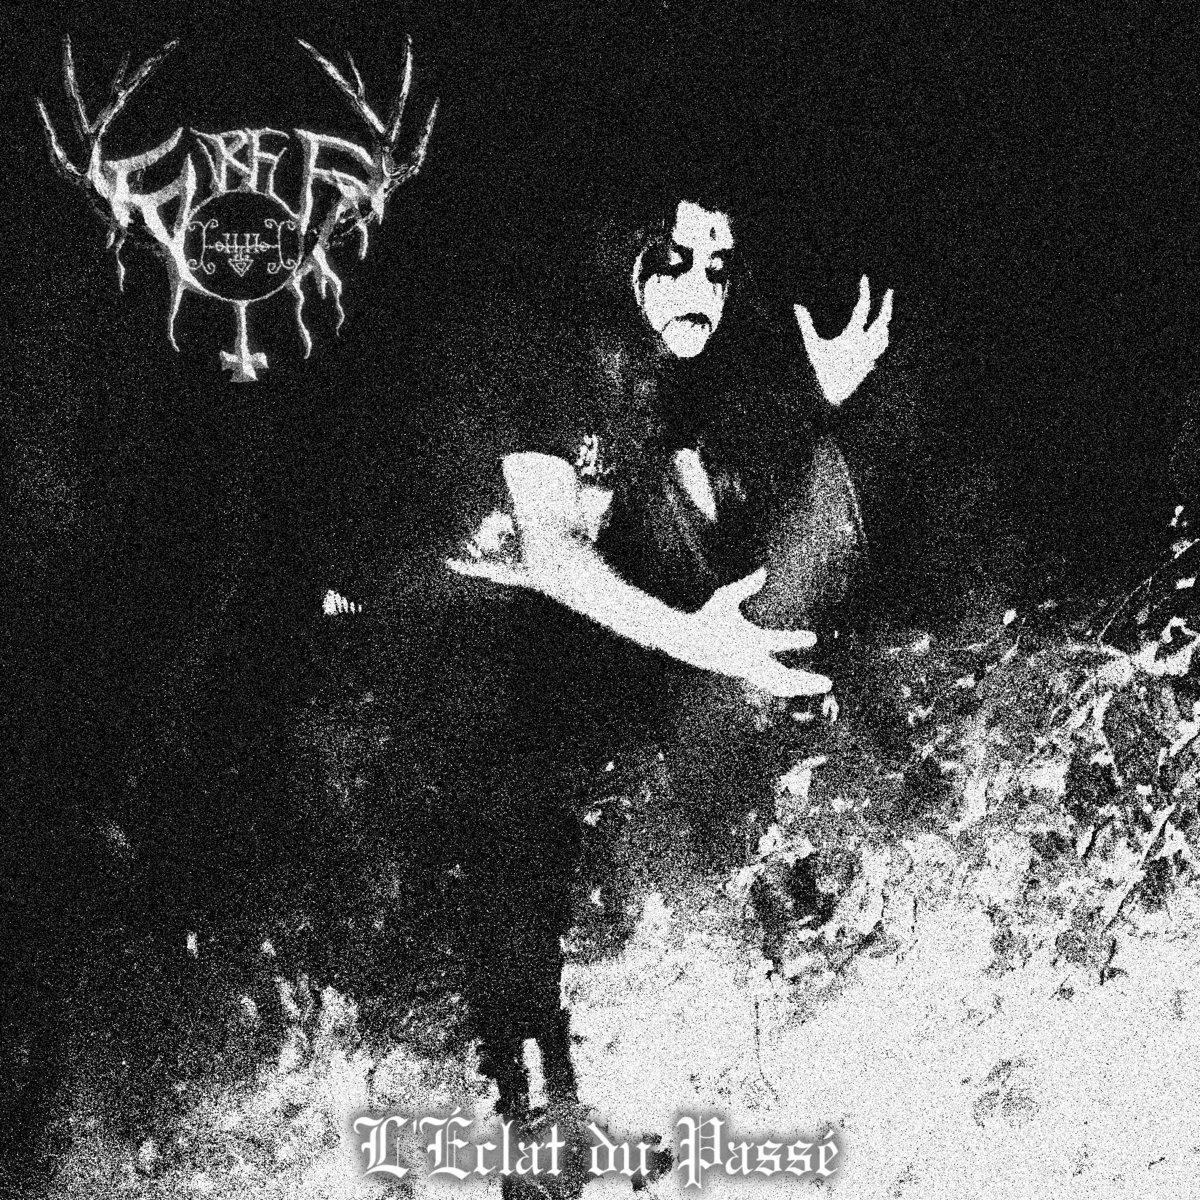 Furfur l'éclat du passé black metal france le scribe du rock